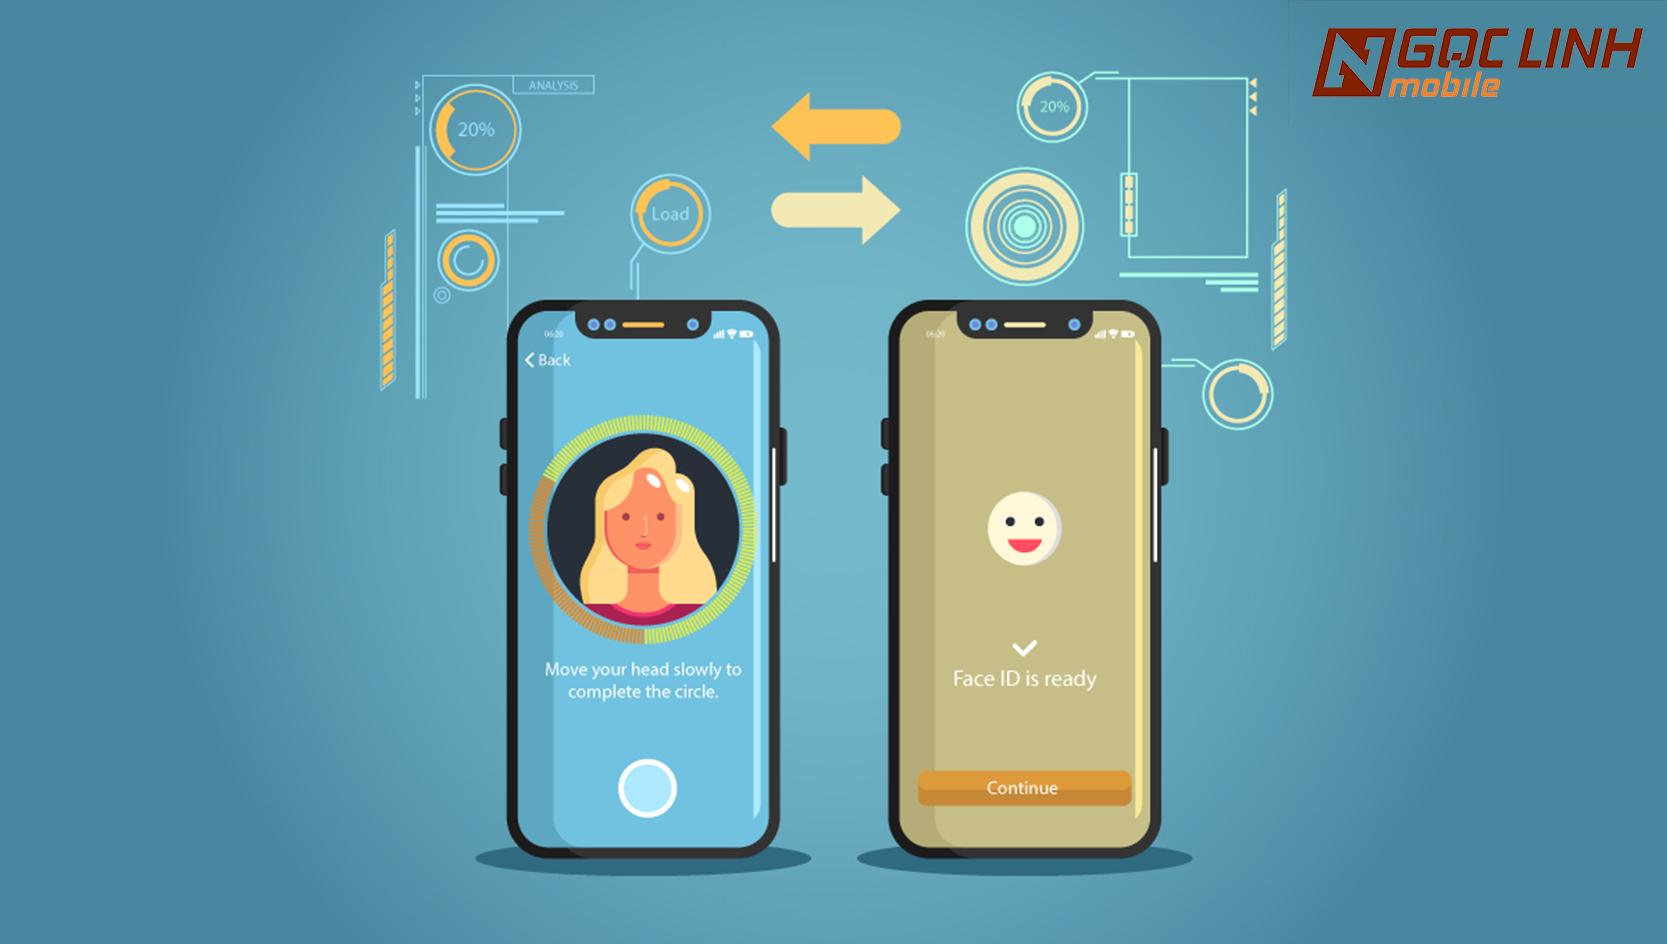 iPhone iPhone - Những phát triển mới dành cho iPhone đang được Apple thực hiện